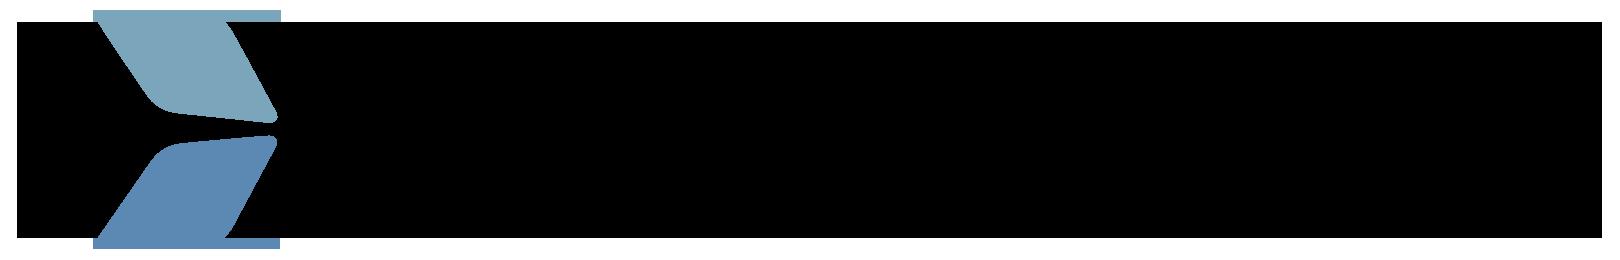 Solenis